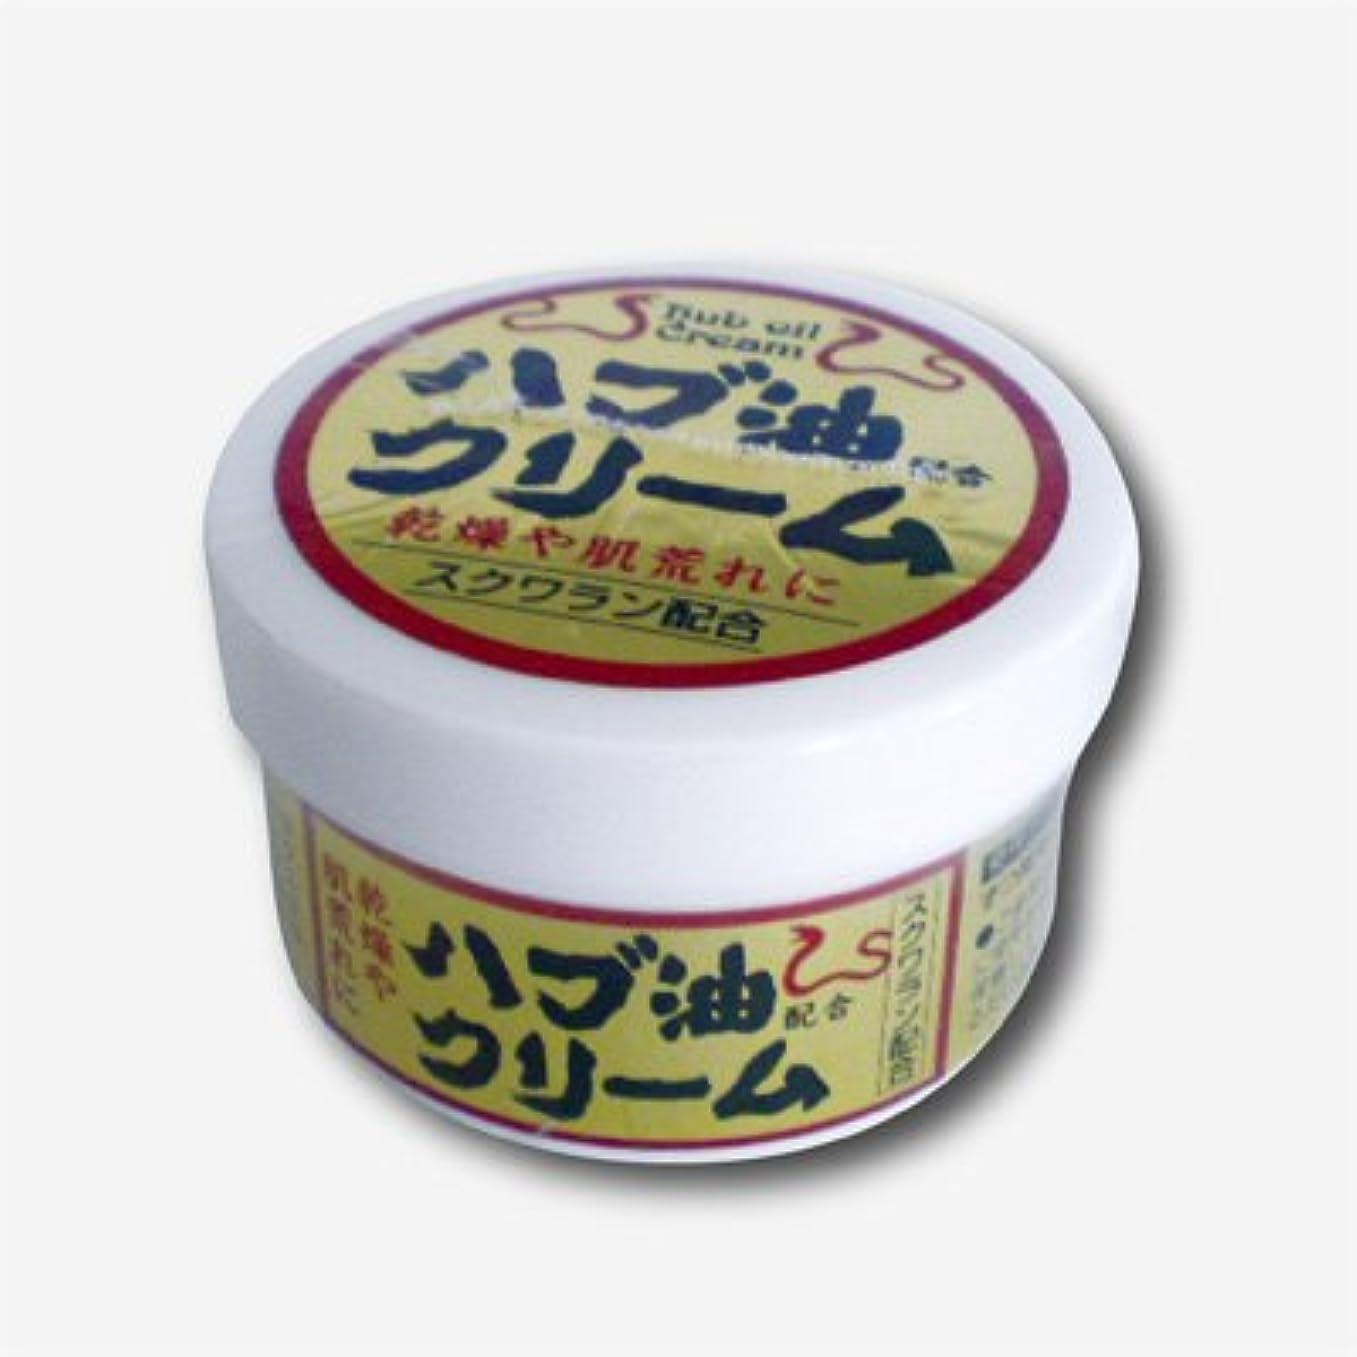 徴収しおれた地下室ハブ油配合クリーム 10個【1個?50g】